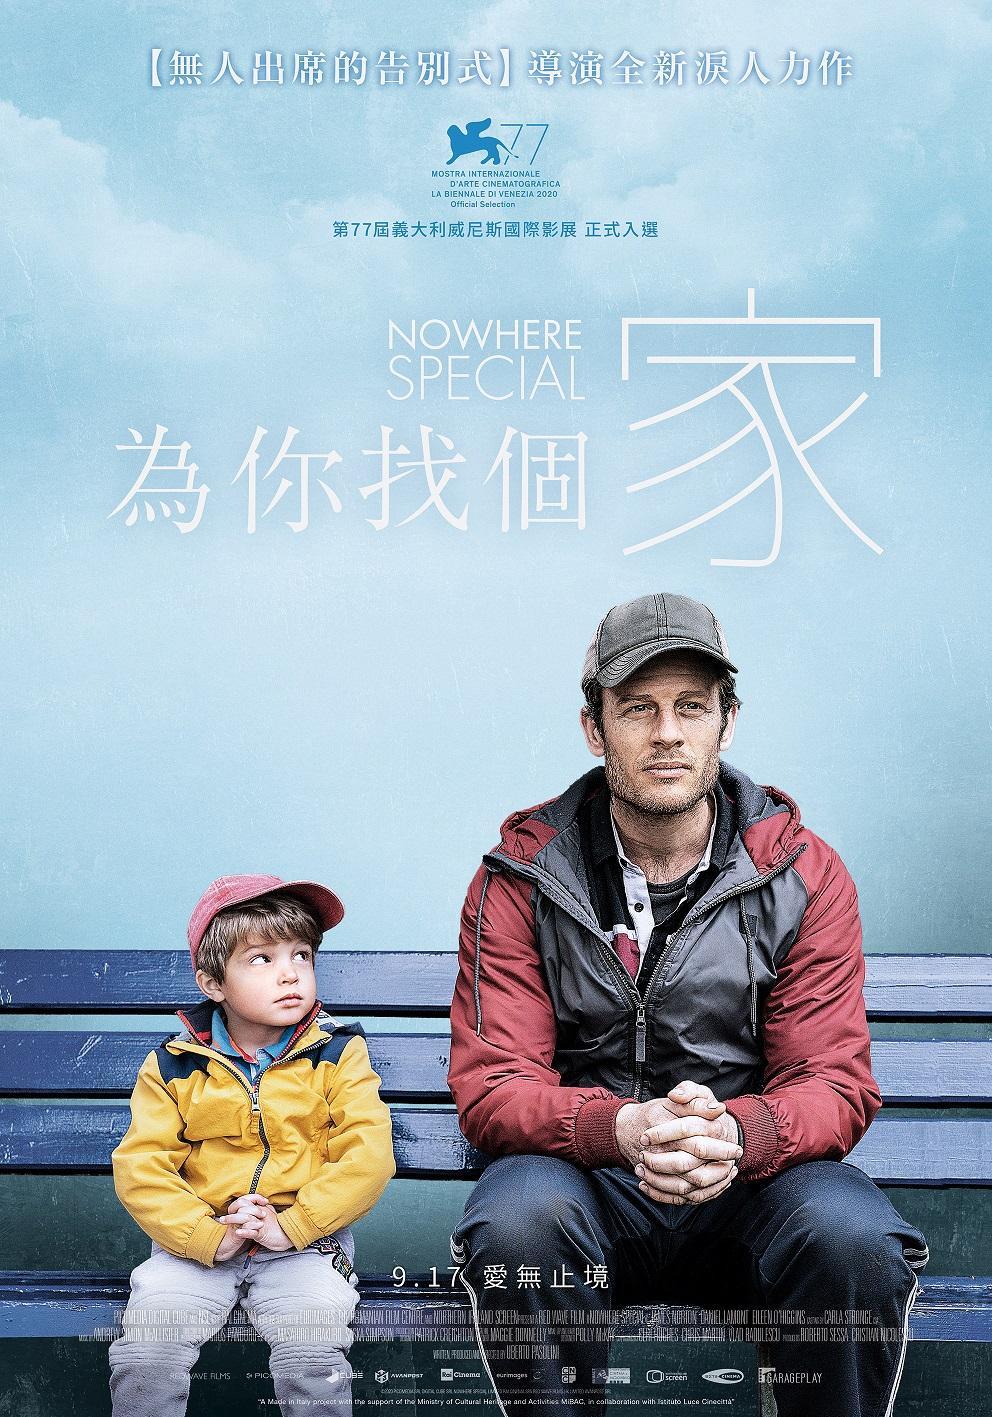 [繁中]為你找個家(1080P)上映日期:2021-09-17